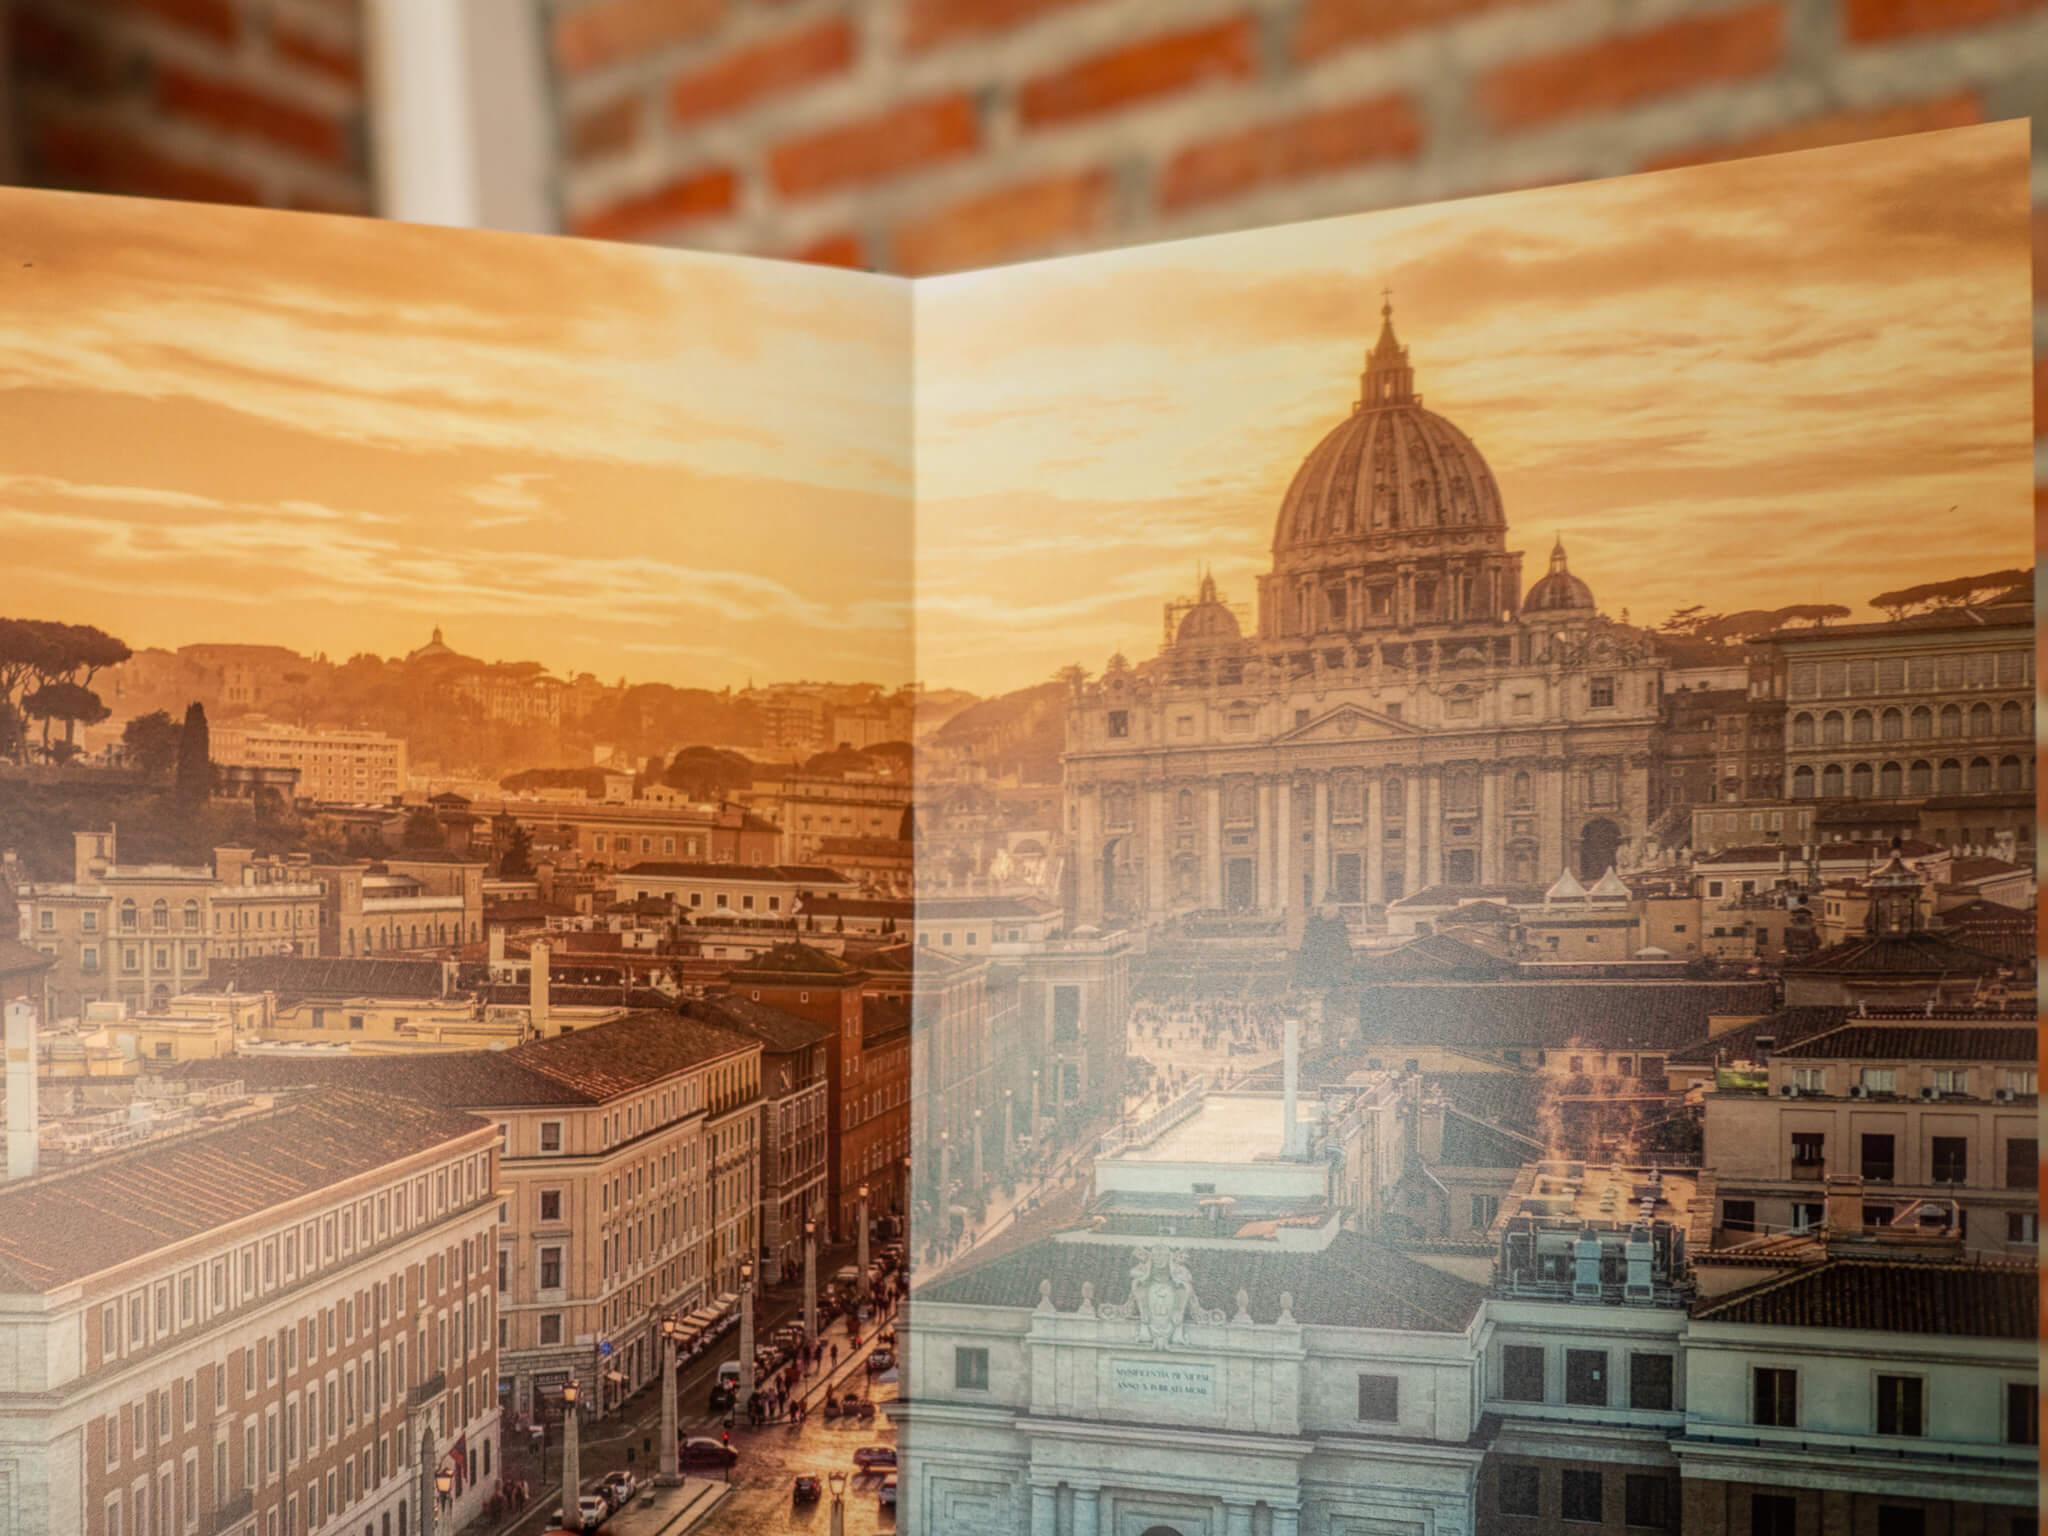 รีวิว 3 บริการจาก Photobook ภาพติดผนัง แคนวาส คุณภาพระดับโลก ออกแบบเองได้ #แจกโค้ดลด90% 🚨 39 - decor